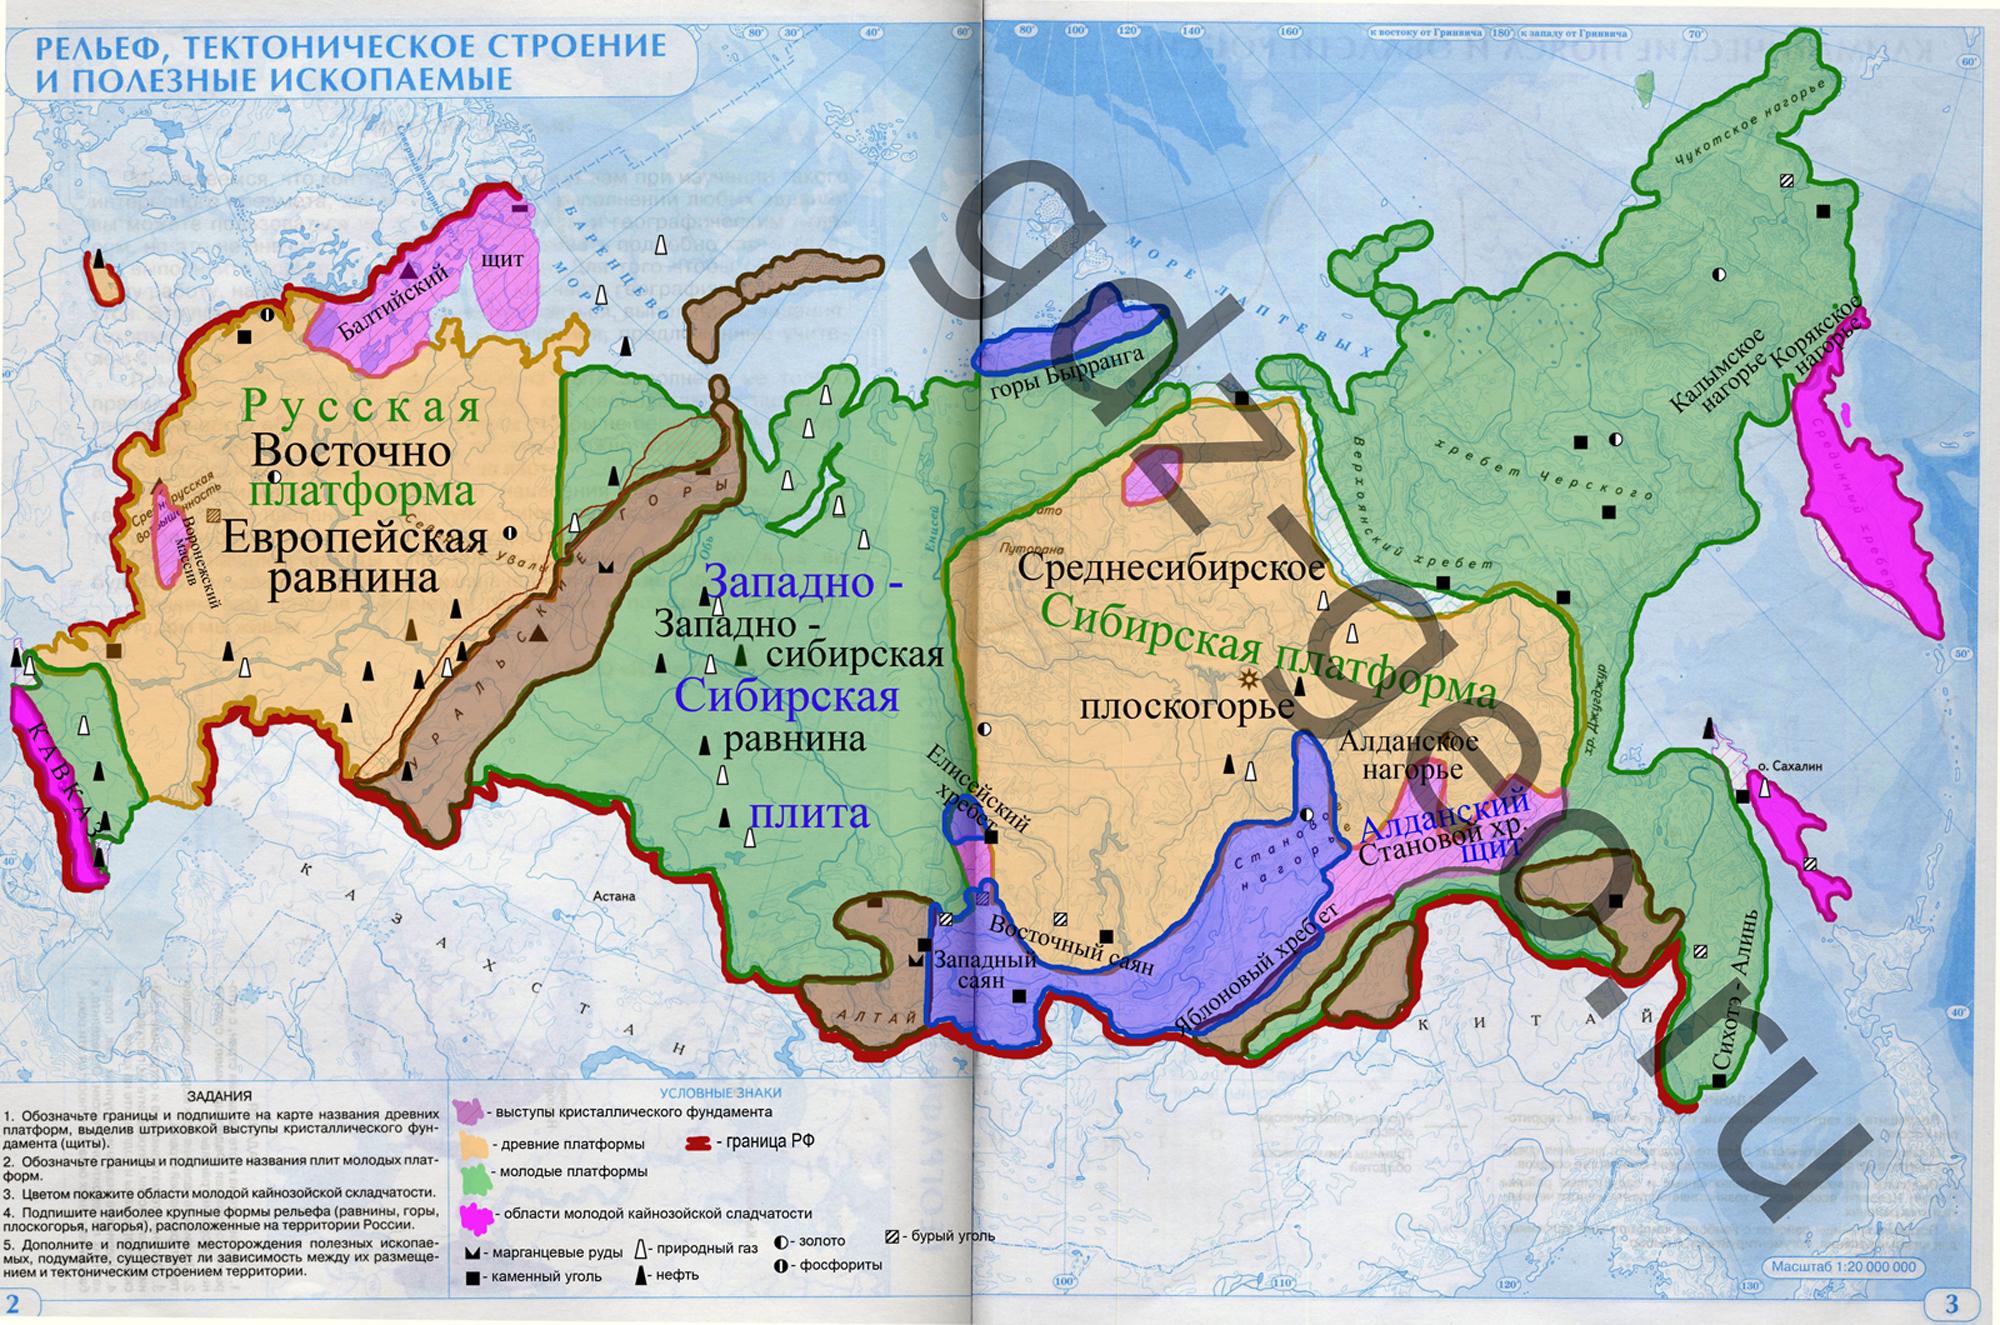 Гдз контурные карты по географии 8 класс минеральные природные ресурсы